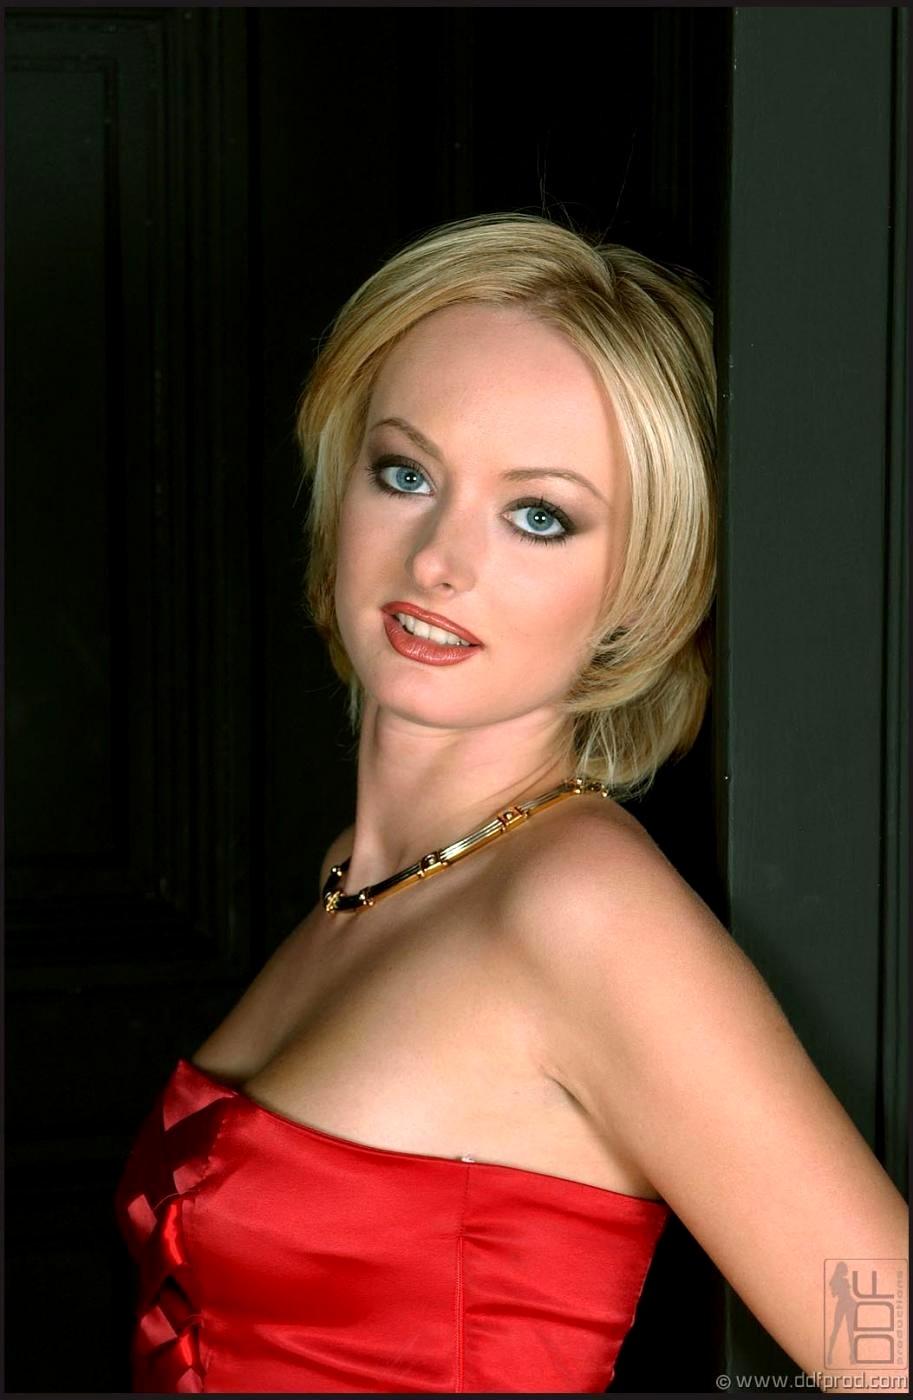 Blonde melissa lauren pics #2